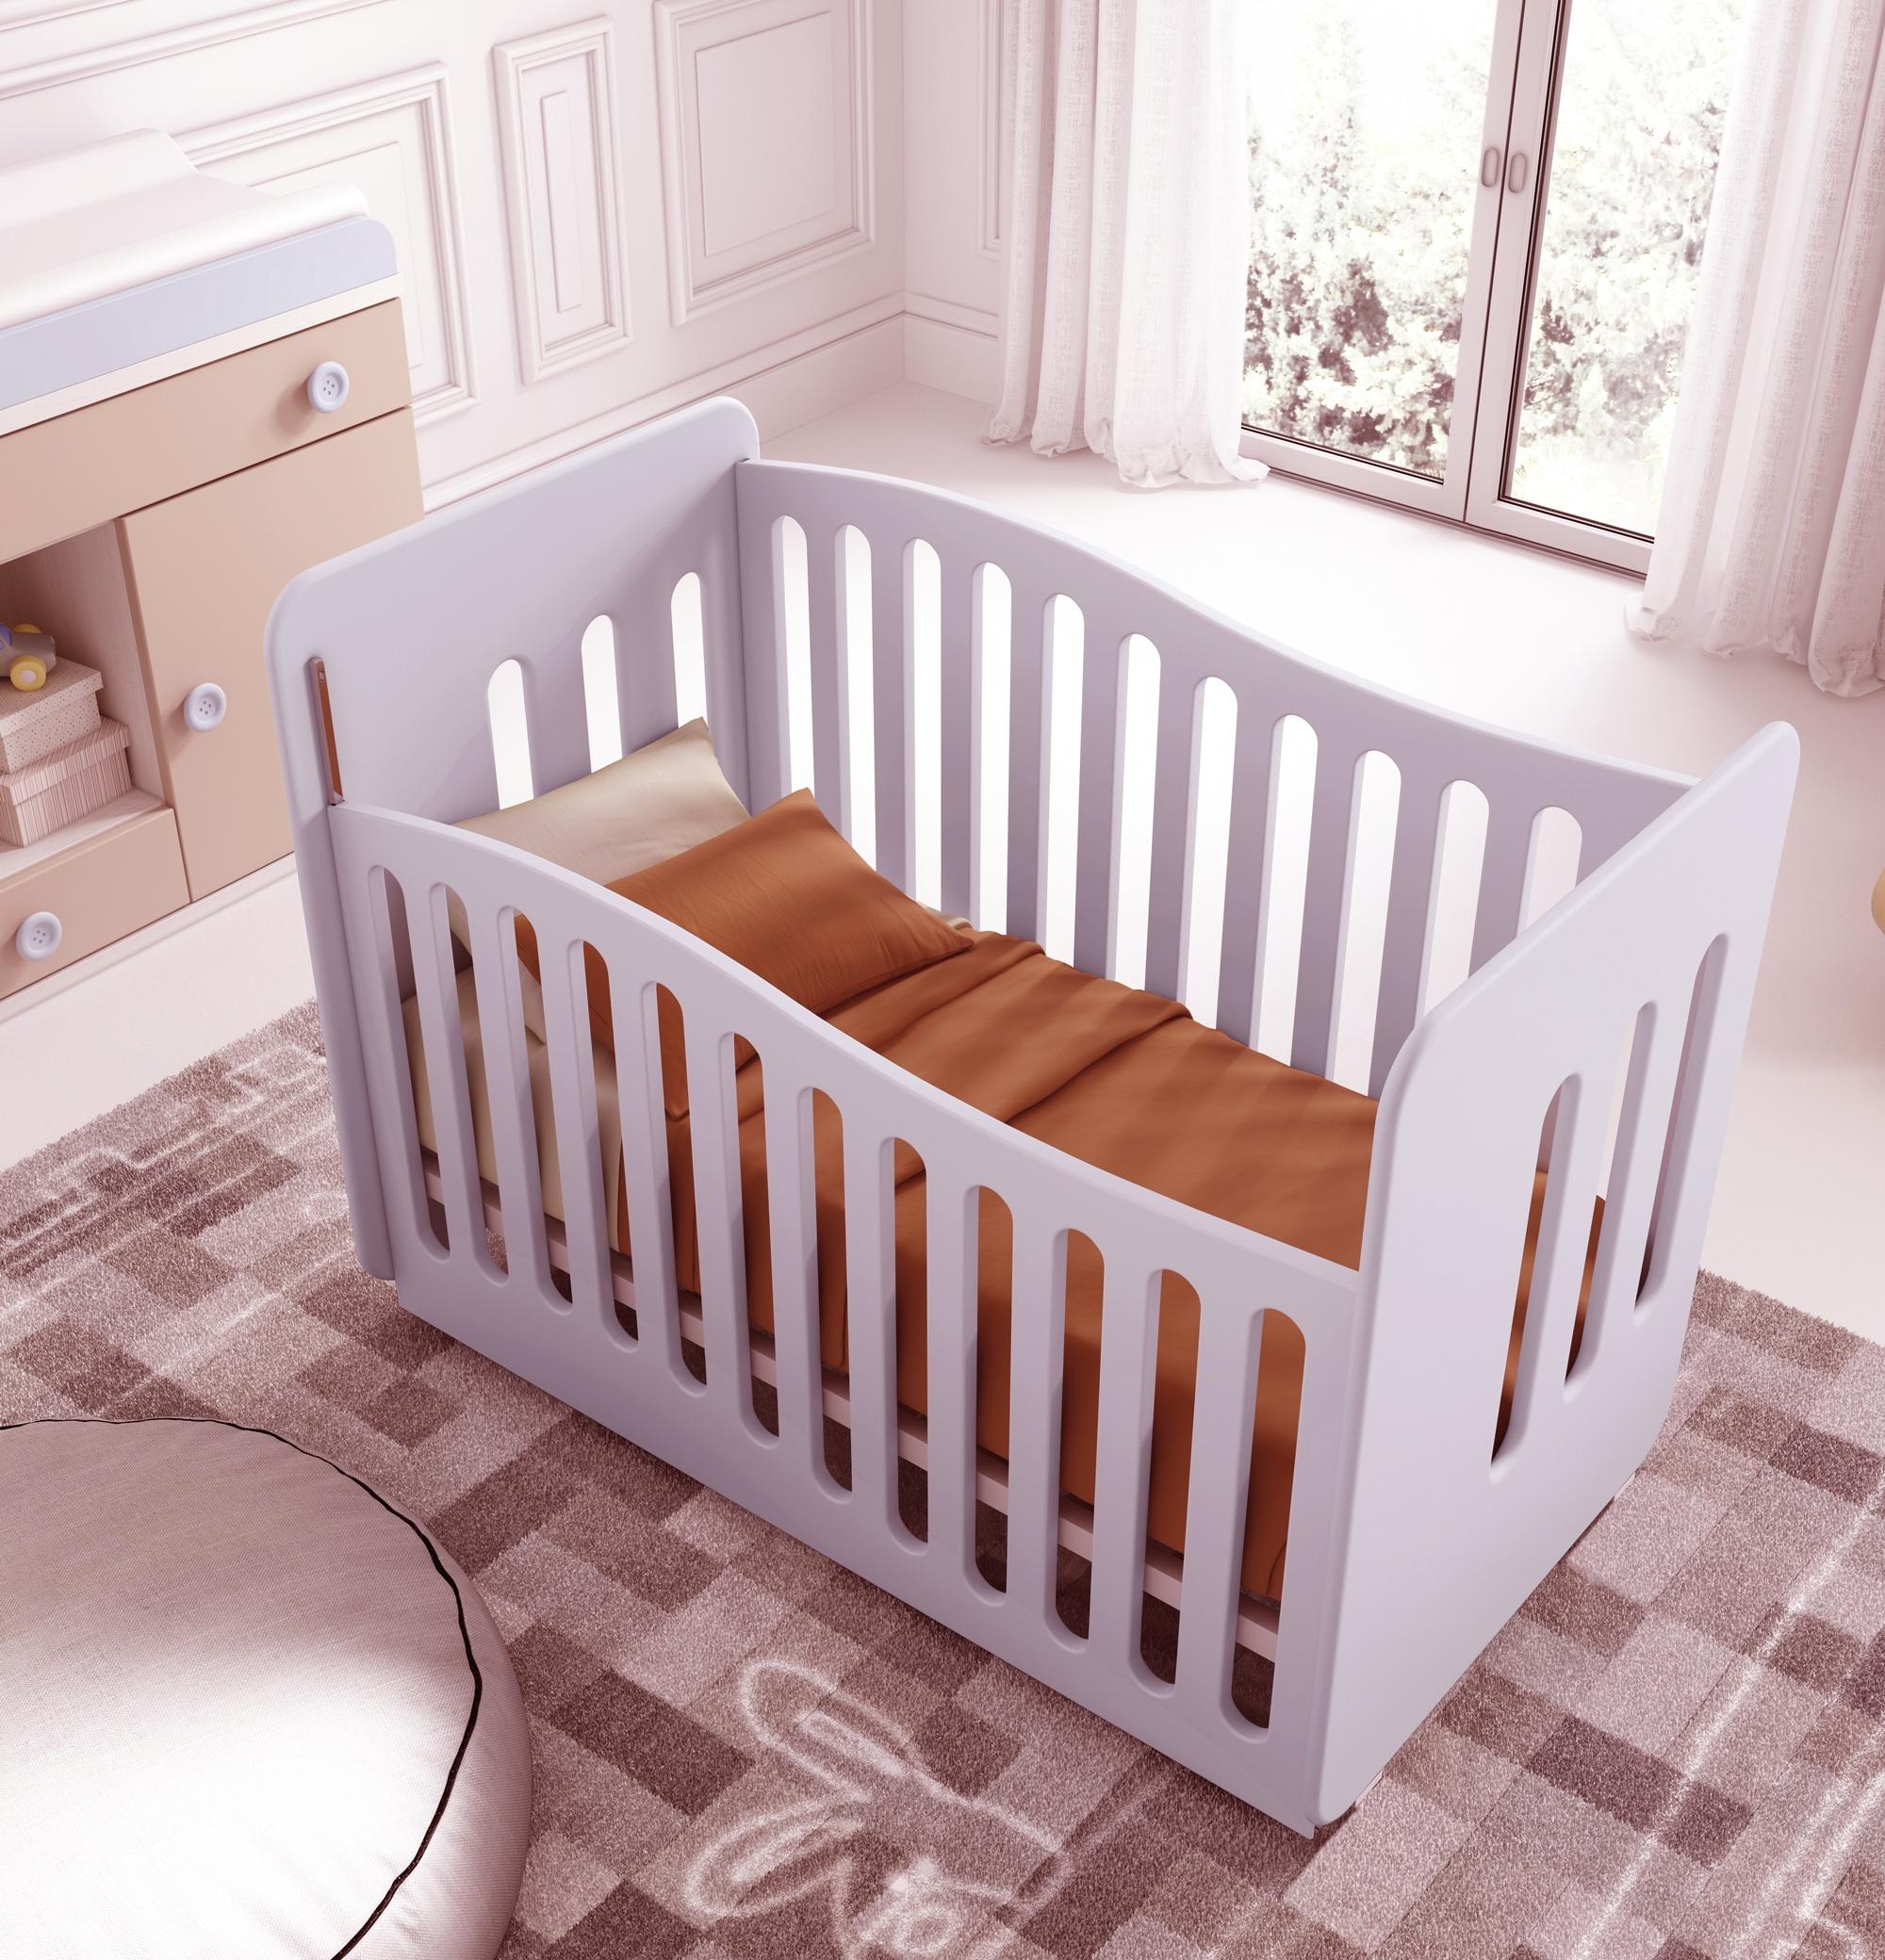 Chambre De Fille Rose Et Blanc : Chambre bébé & puériculture > Chambre bébé complète > Chambre